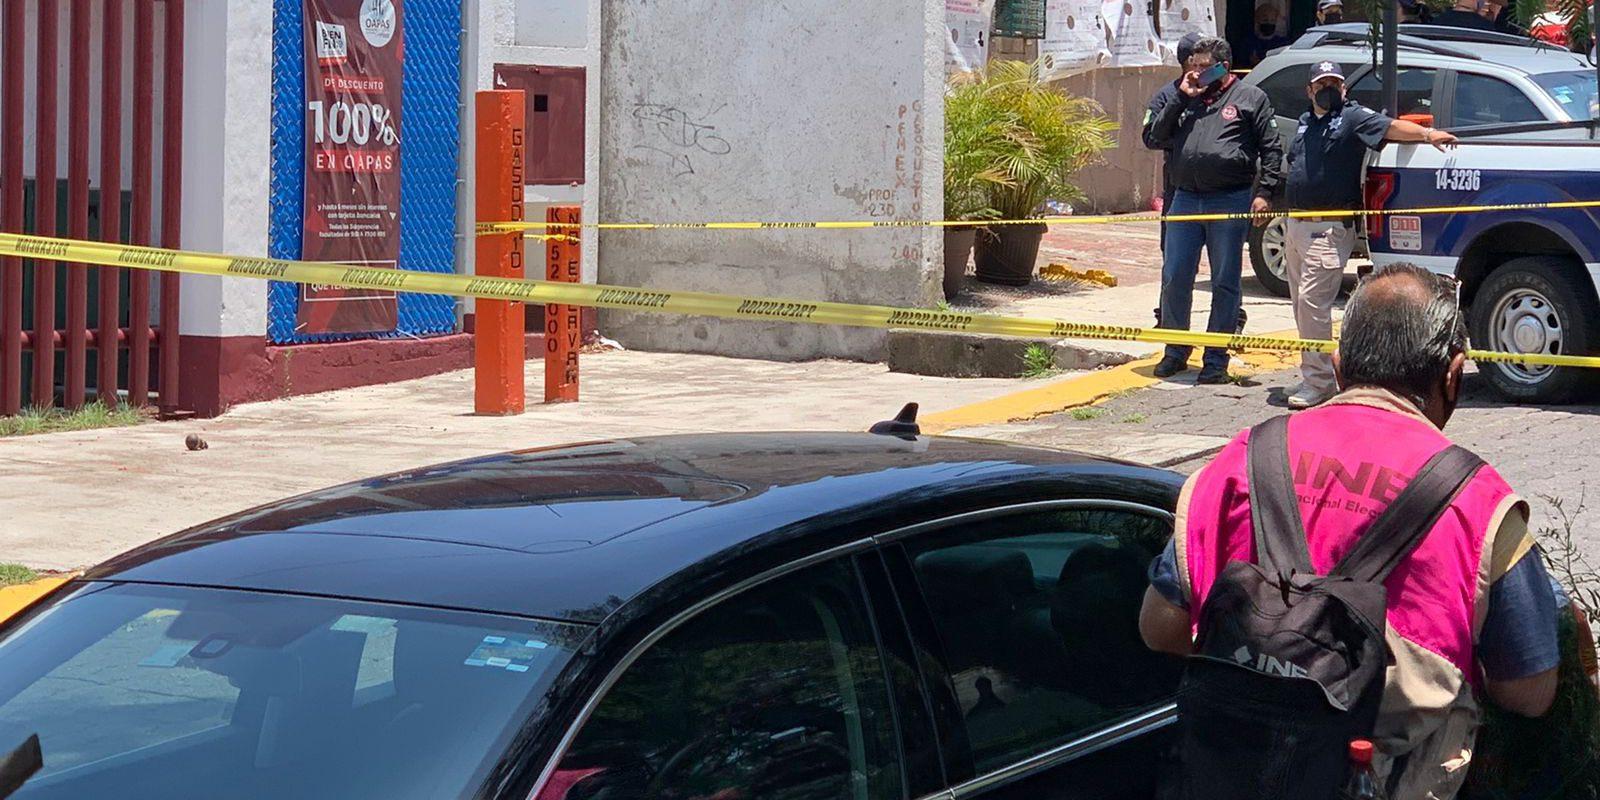 Lanzan granada en casilla electoral; los votantes huyeron del lugar